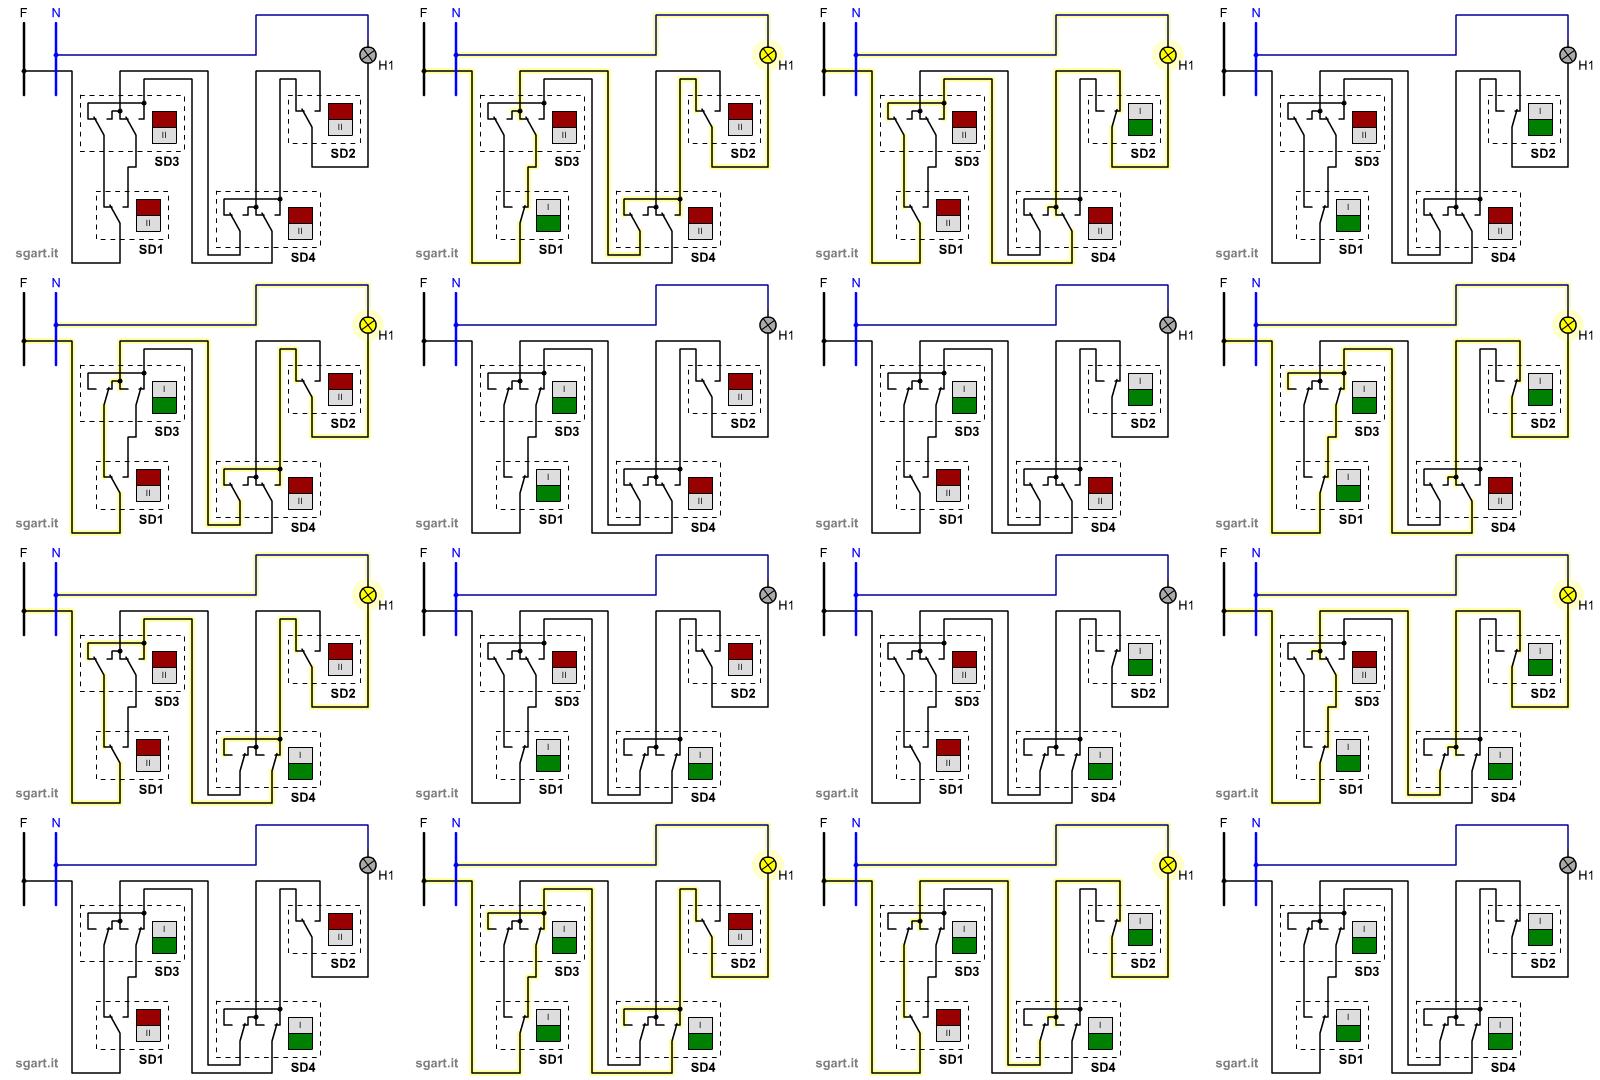 Schema Elettrico Per 3 Punti Luce : Simulazione circuiti elettrici civili accensione da più